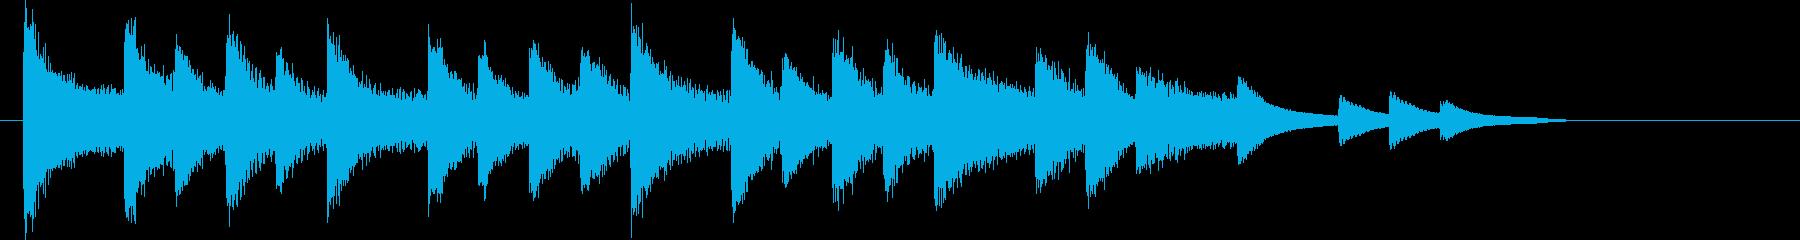 XmasキャロルオブザベルズジングルEの再生済みの波形